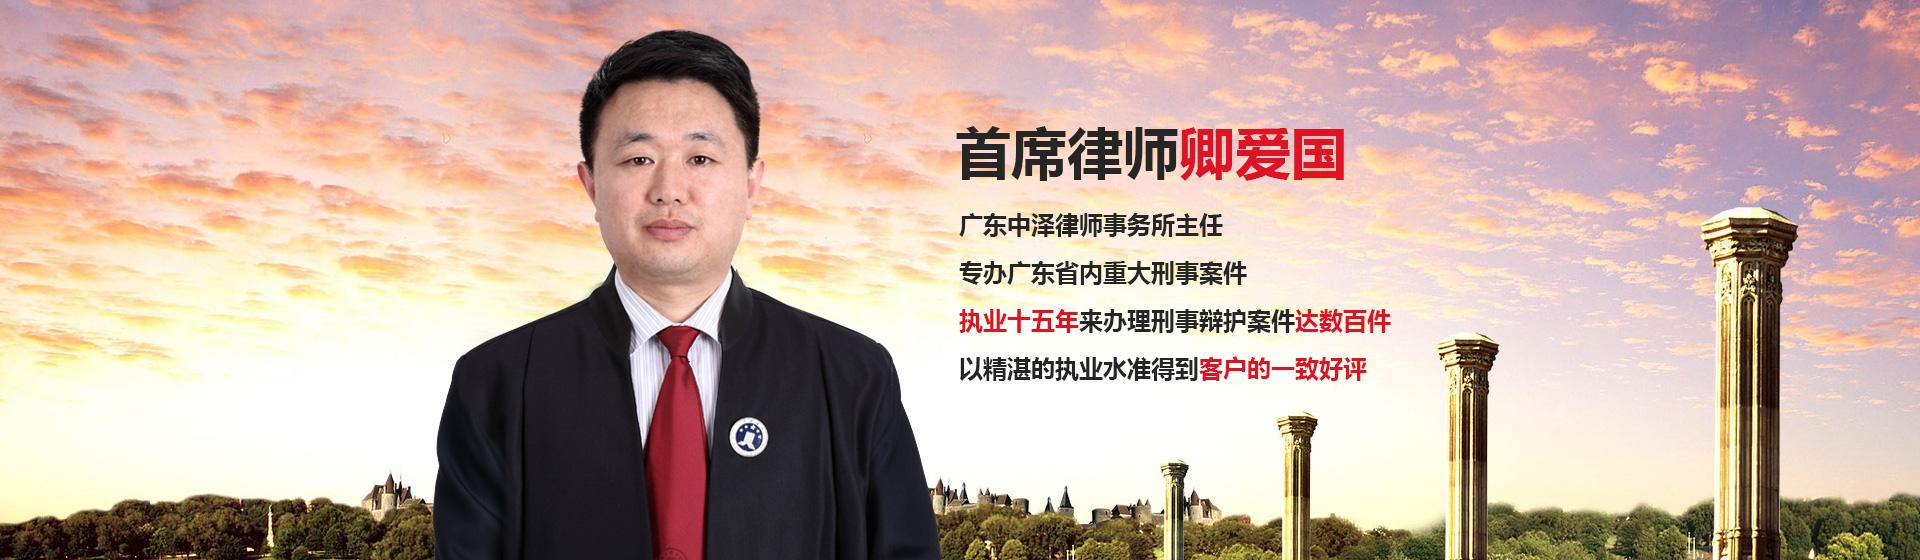 广州走私律师大图二